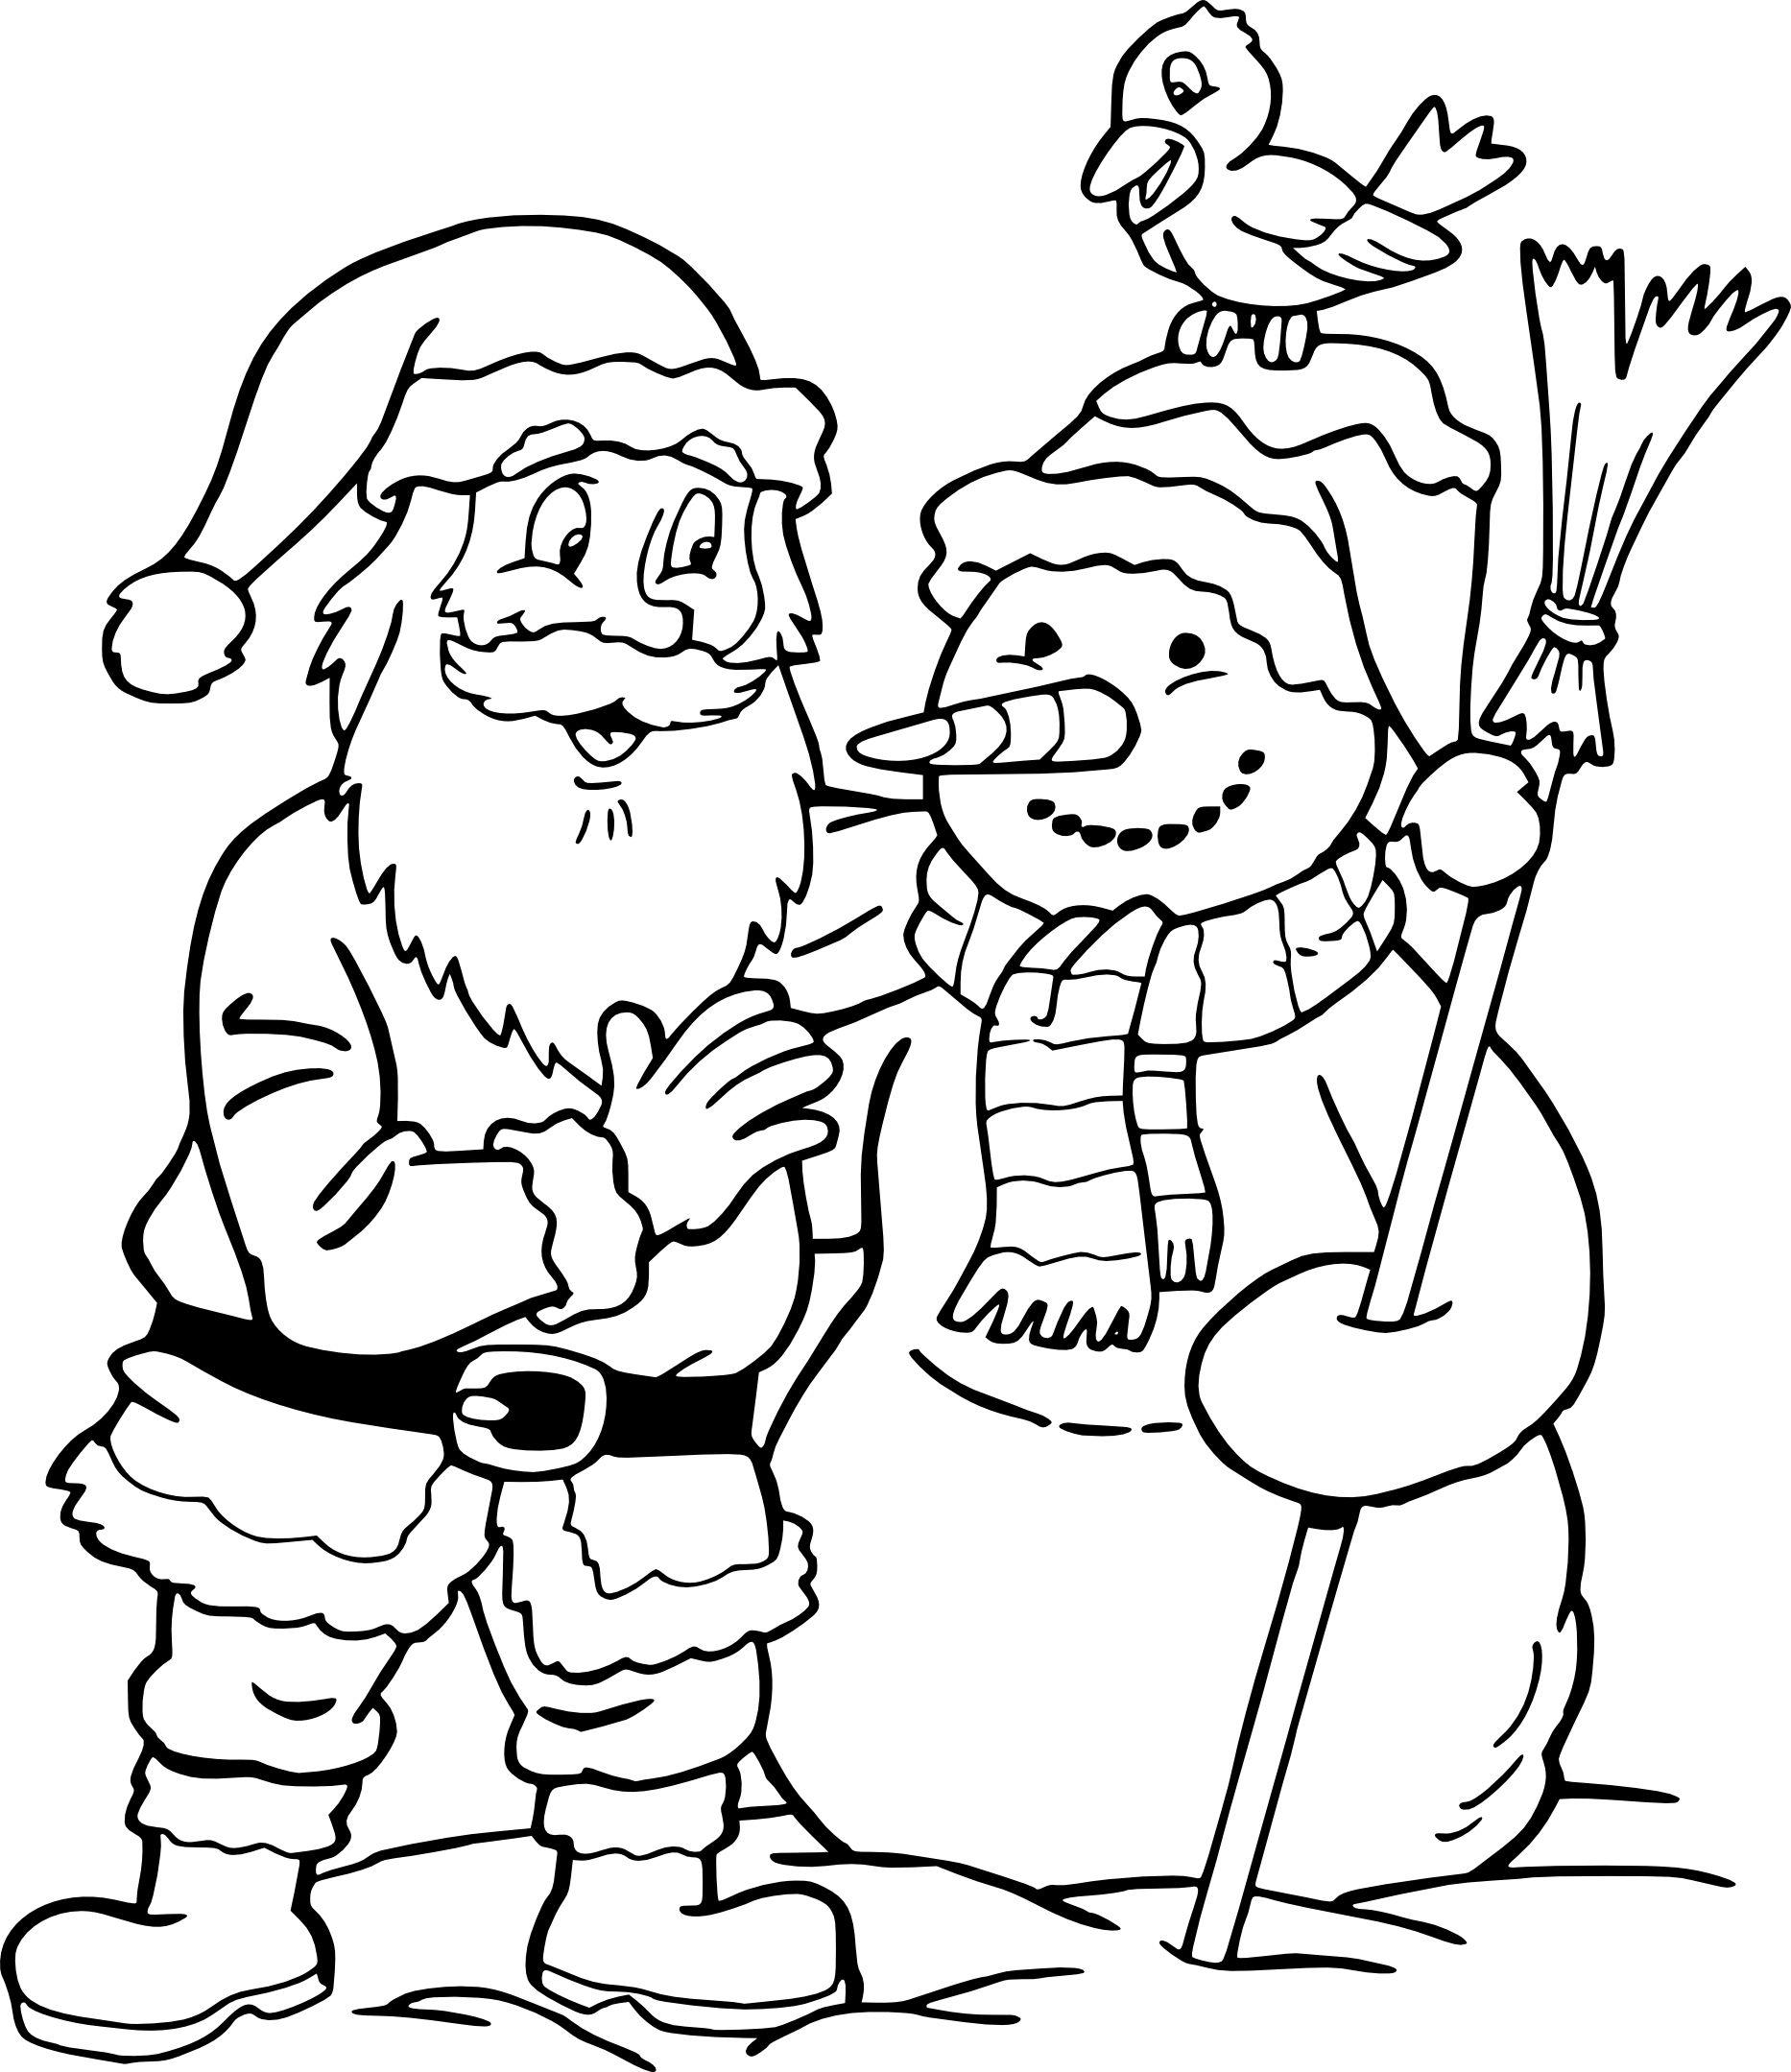 Coloriage Père Noël Et Bonhomme De Neige À Imprimer – Waouo